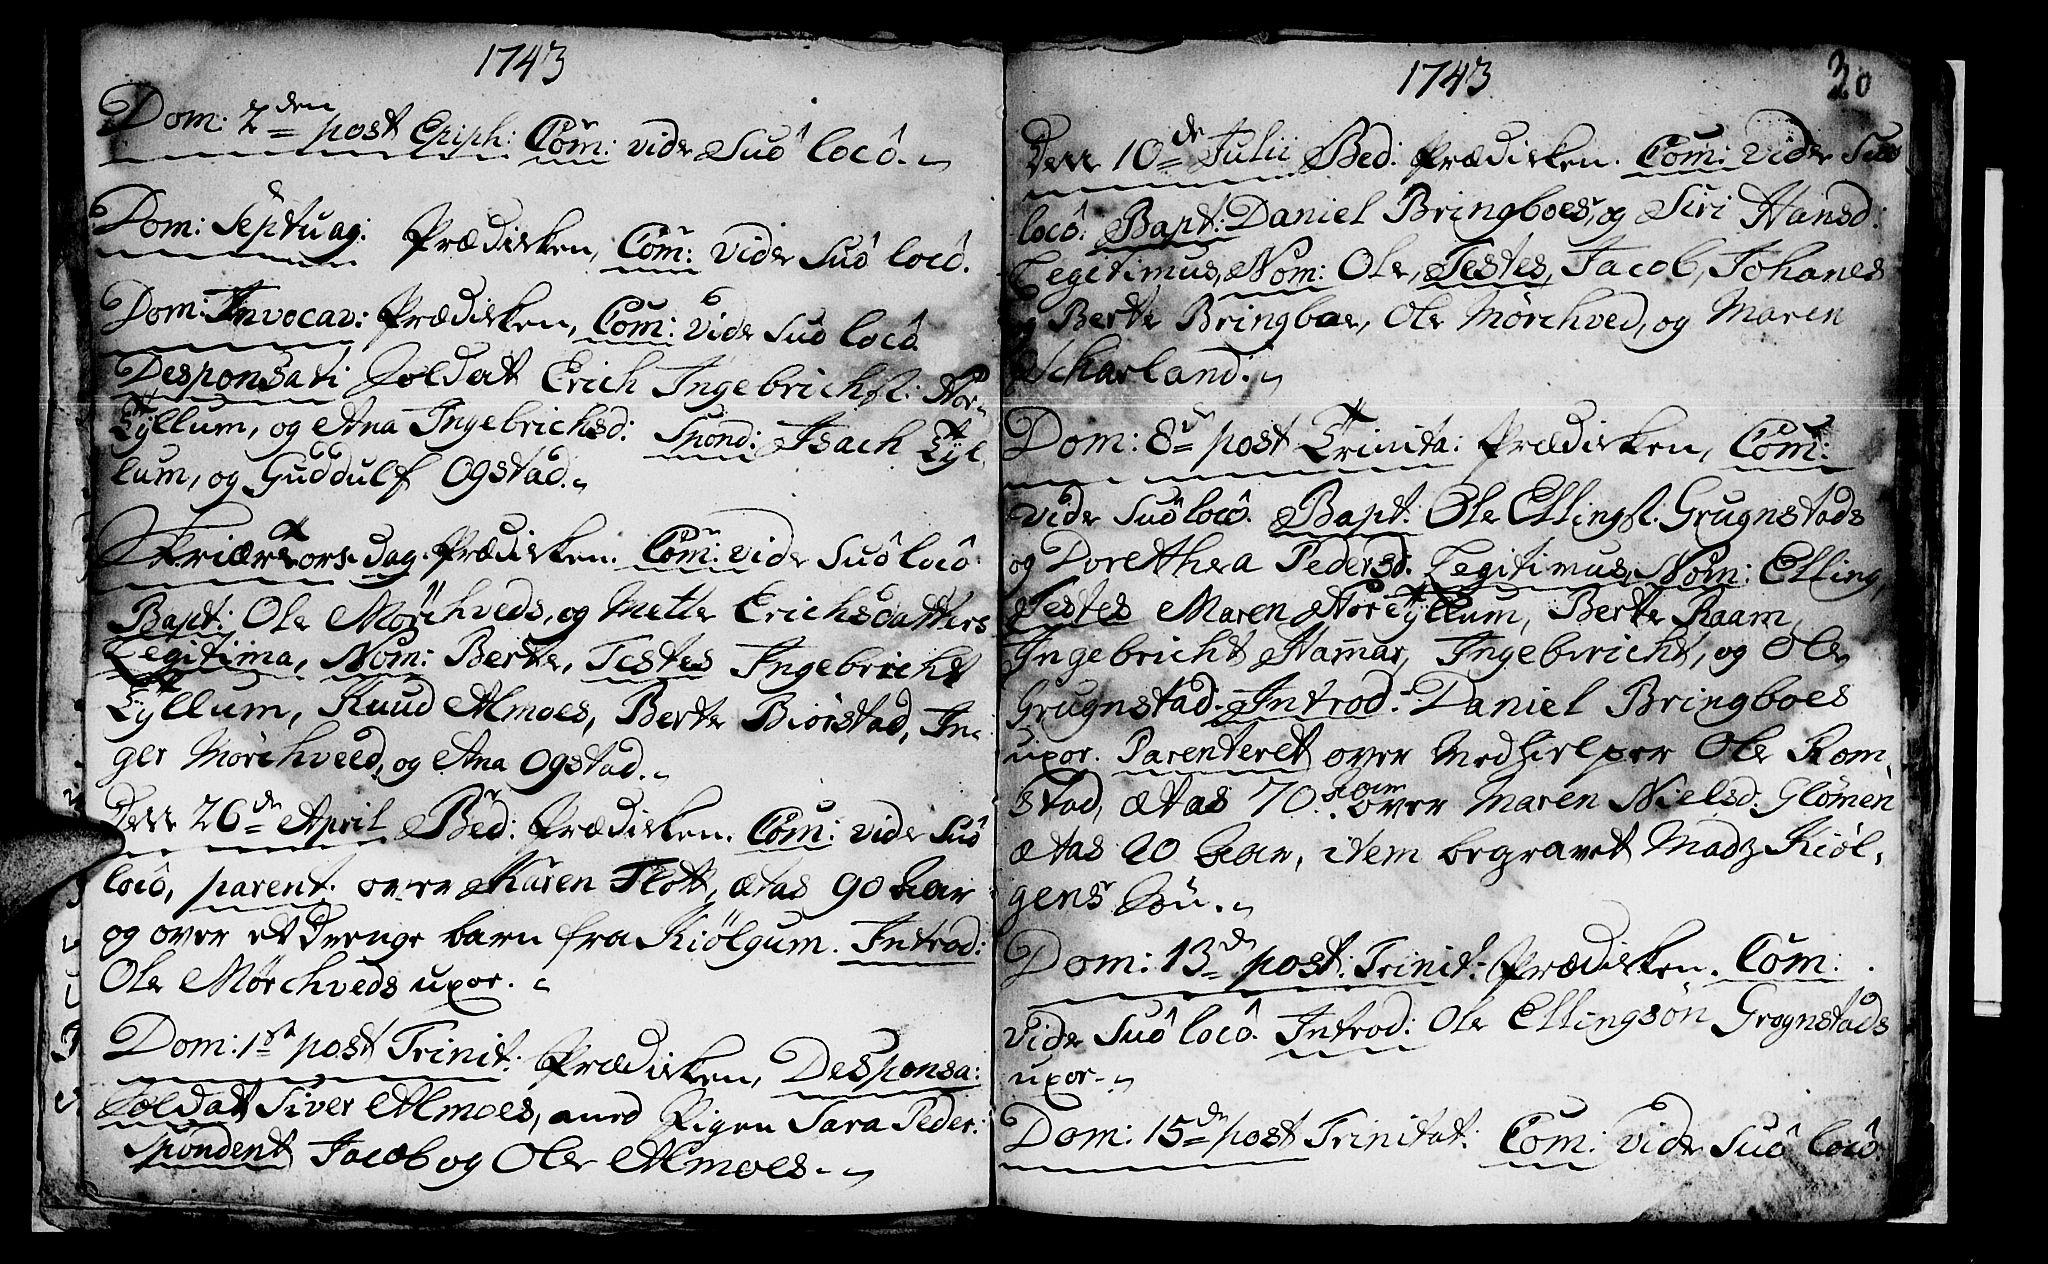 SAT, Ministerialprotokoller, klokkerbøker og fødselsregistre - Nord-Trøndelag, 765/L0560: Ministerialbok nr. 765A01, 1706-1748, s. 30